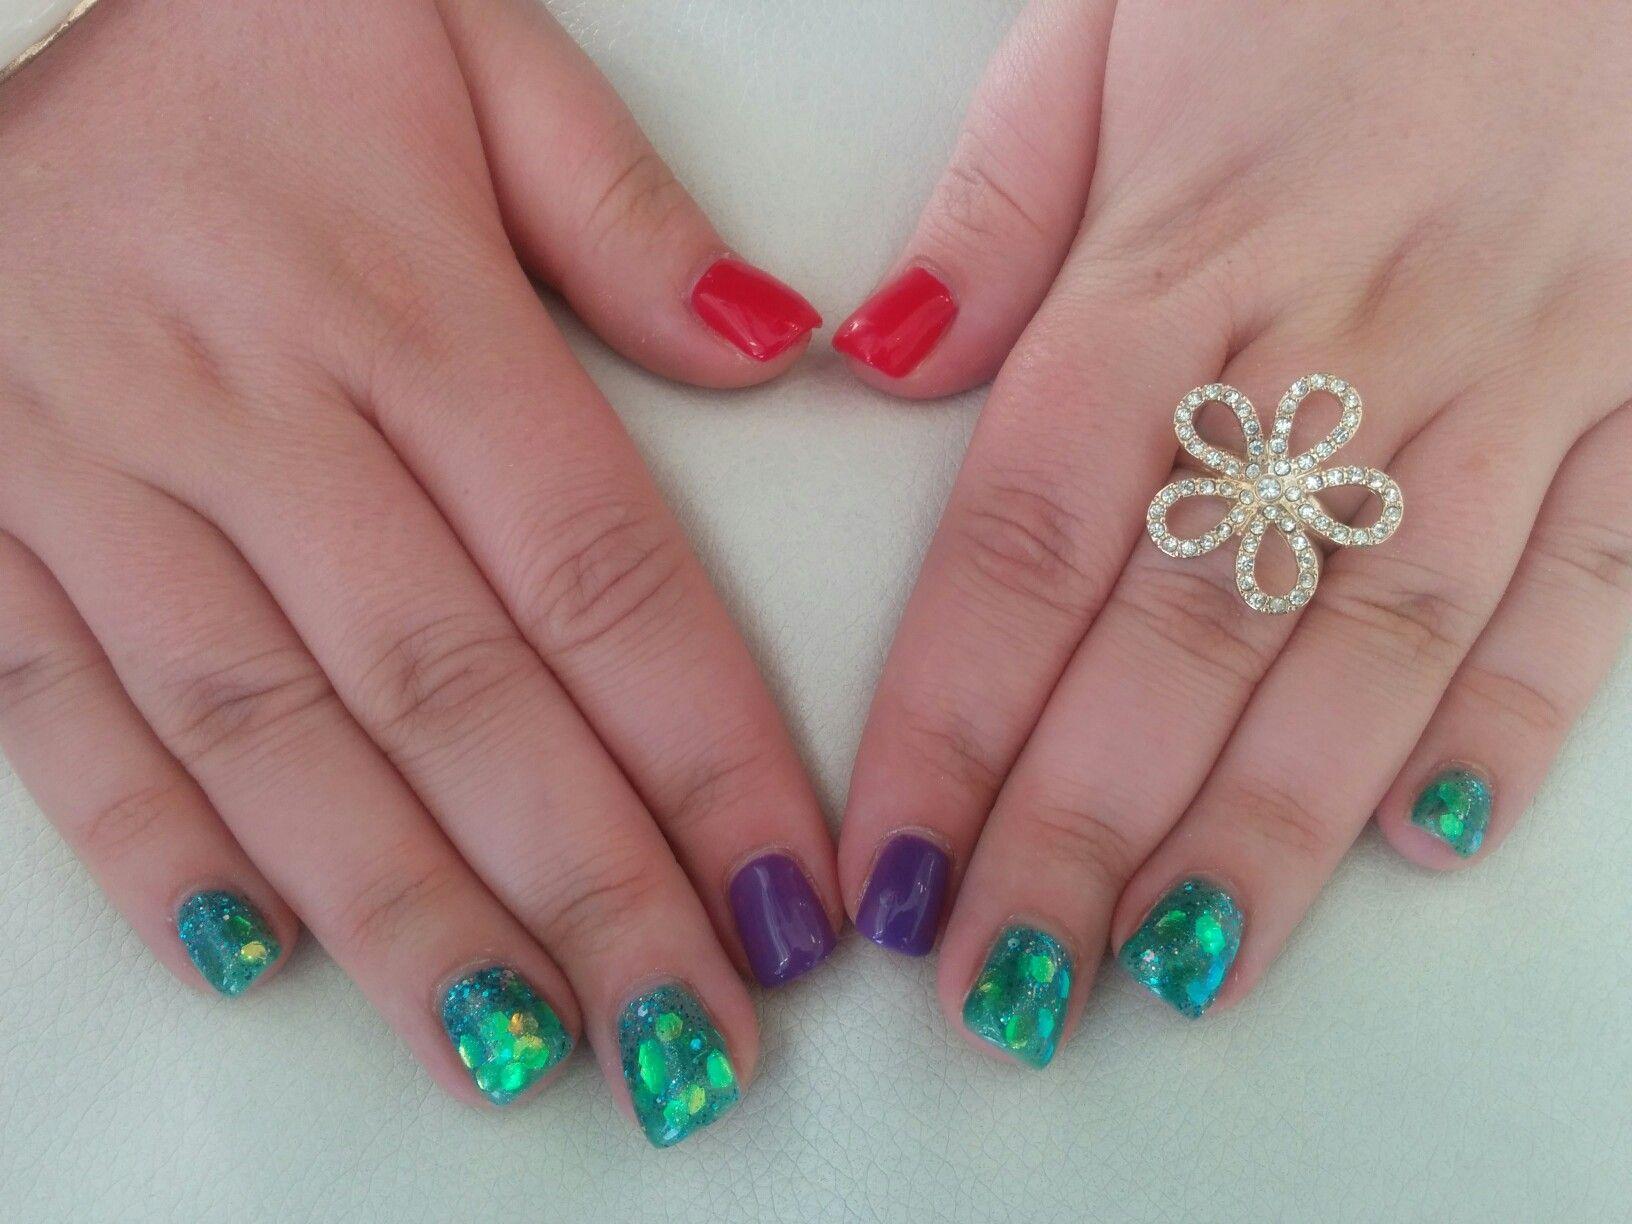 Little mermaid gel nails | Little mermaid nails, Disney ...